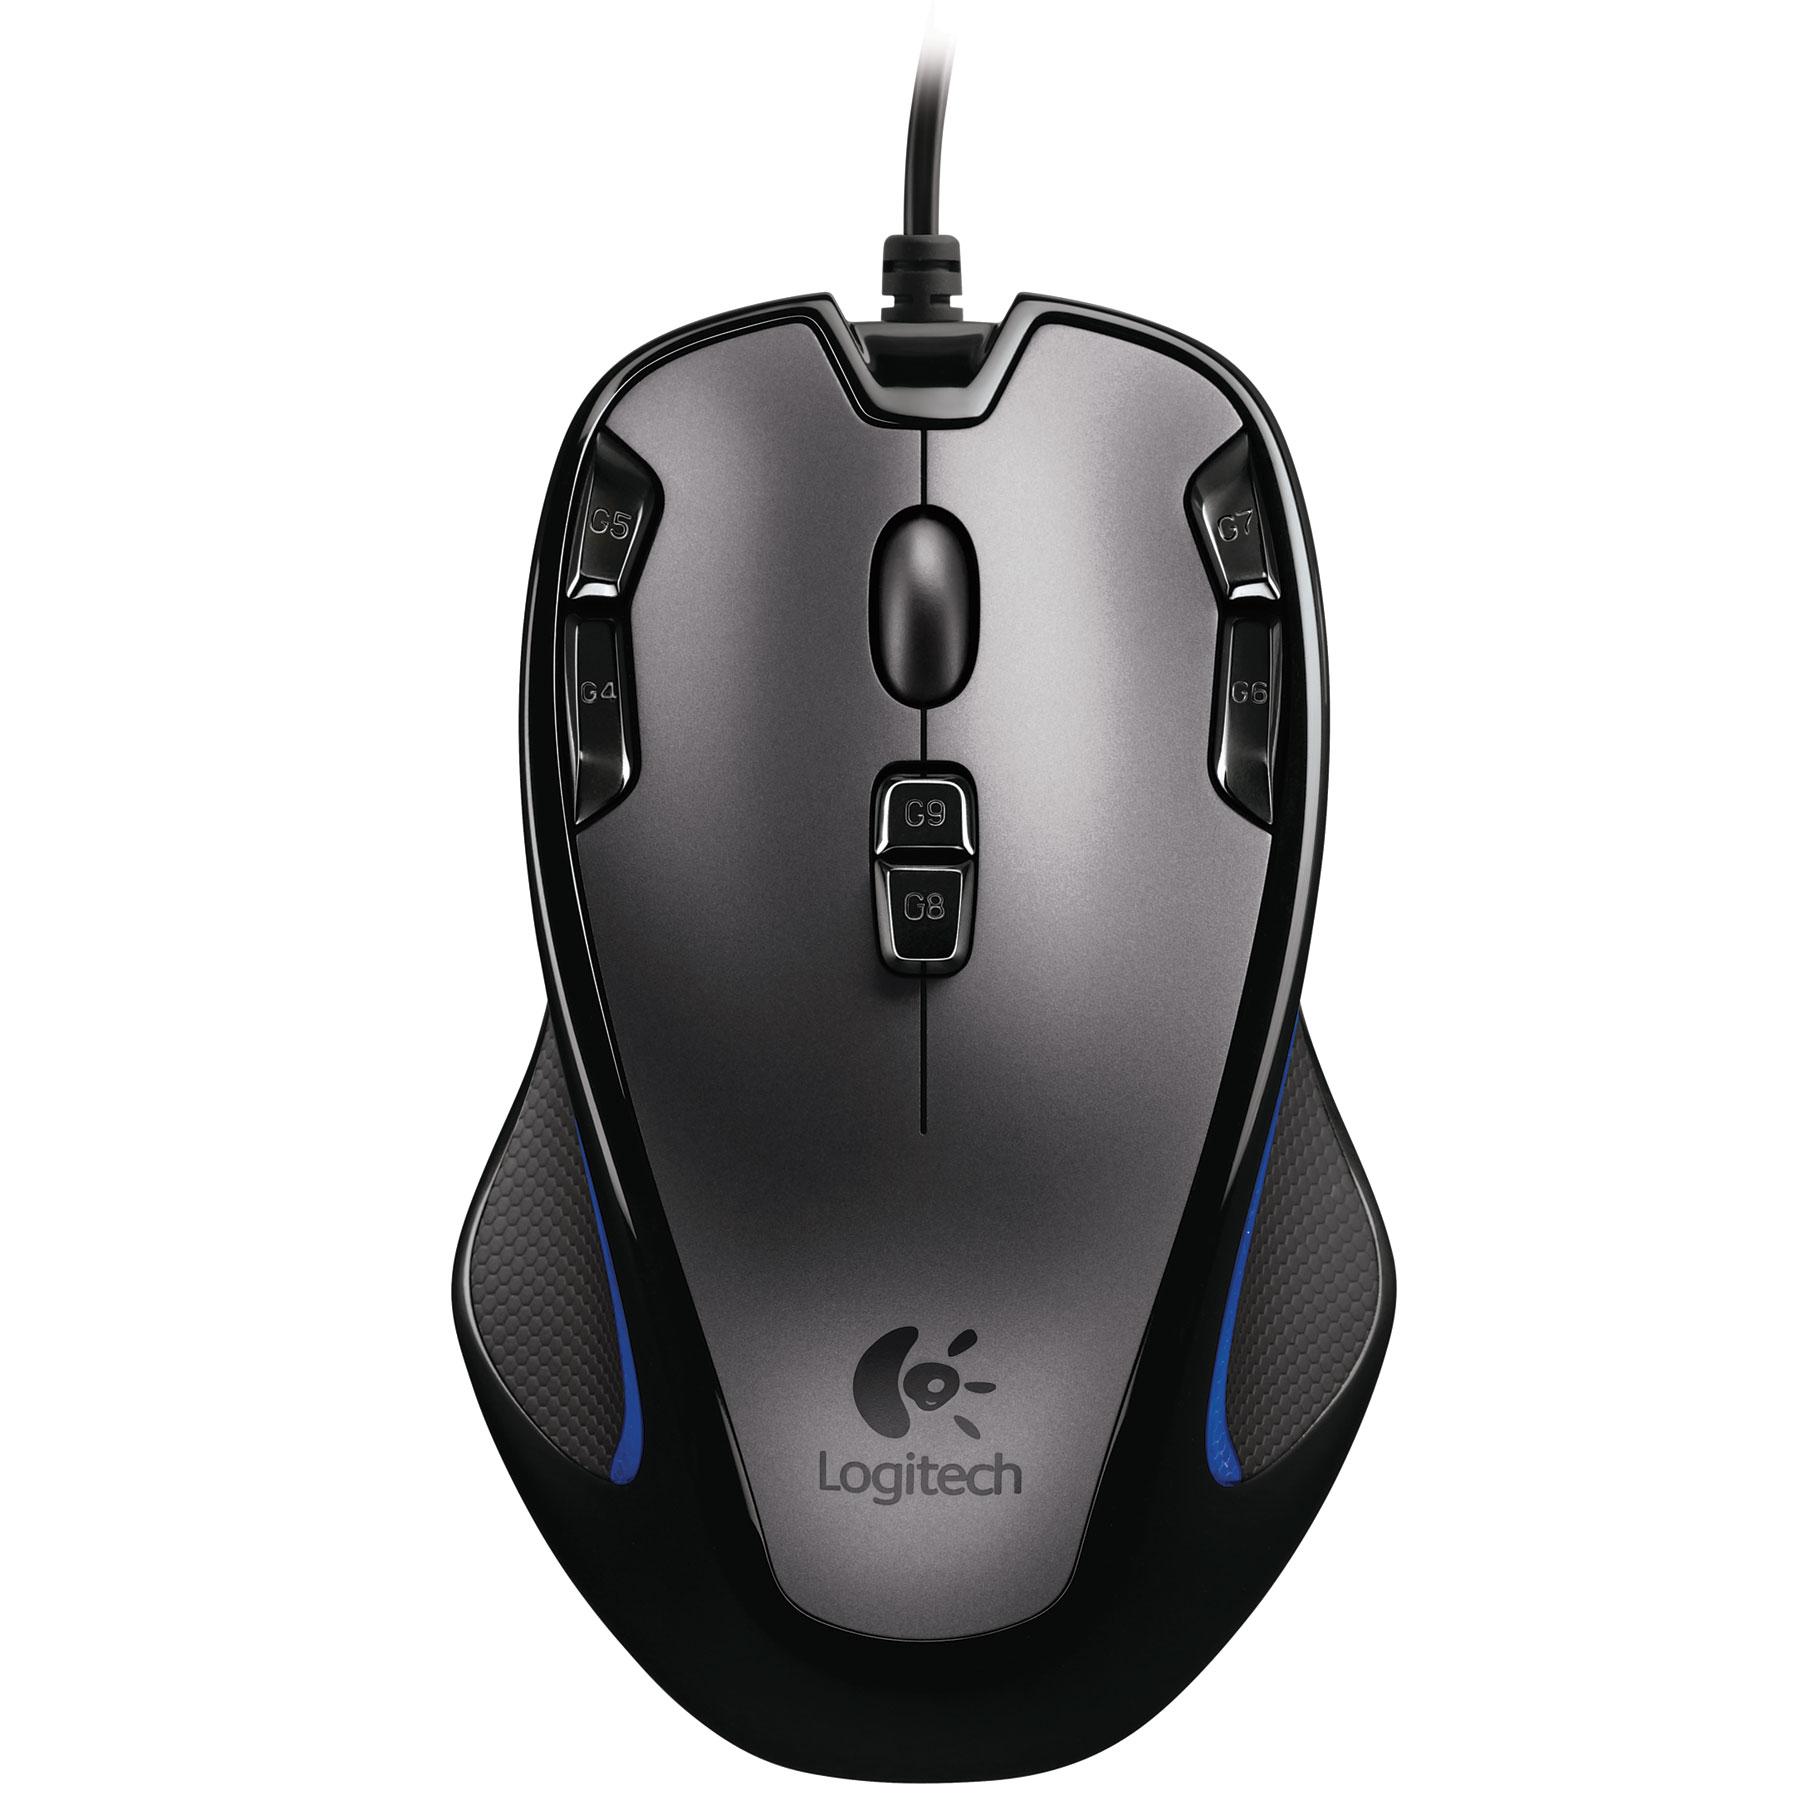 logitech g300 gaming mouse 910 002489 achat vente souris pc sur. Black Bedroom Furniture Sets. Home Design Ideas